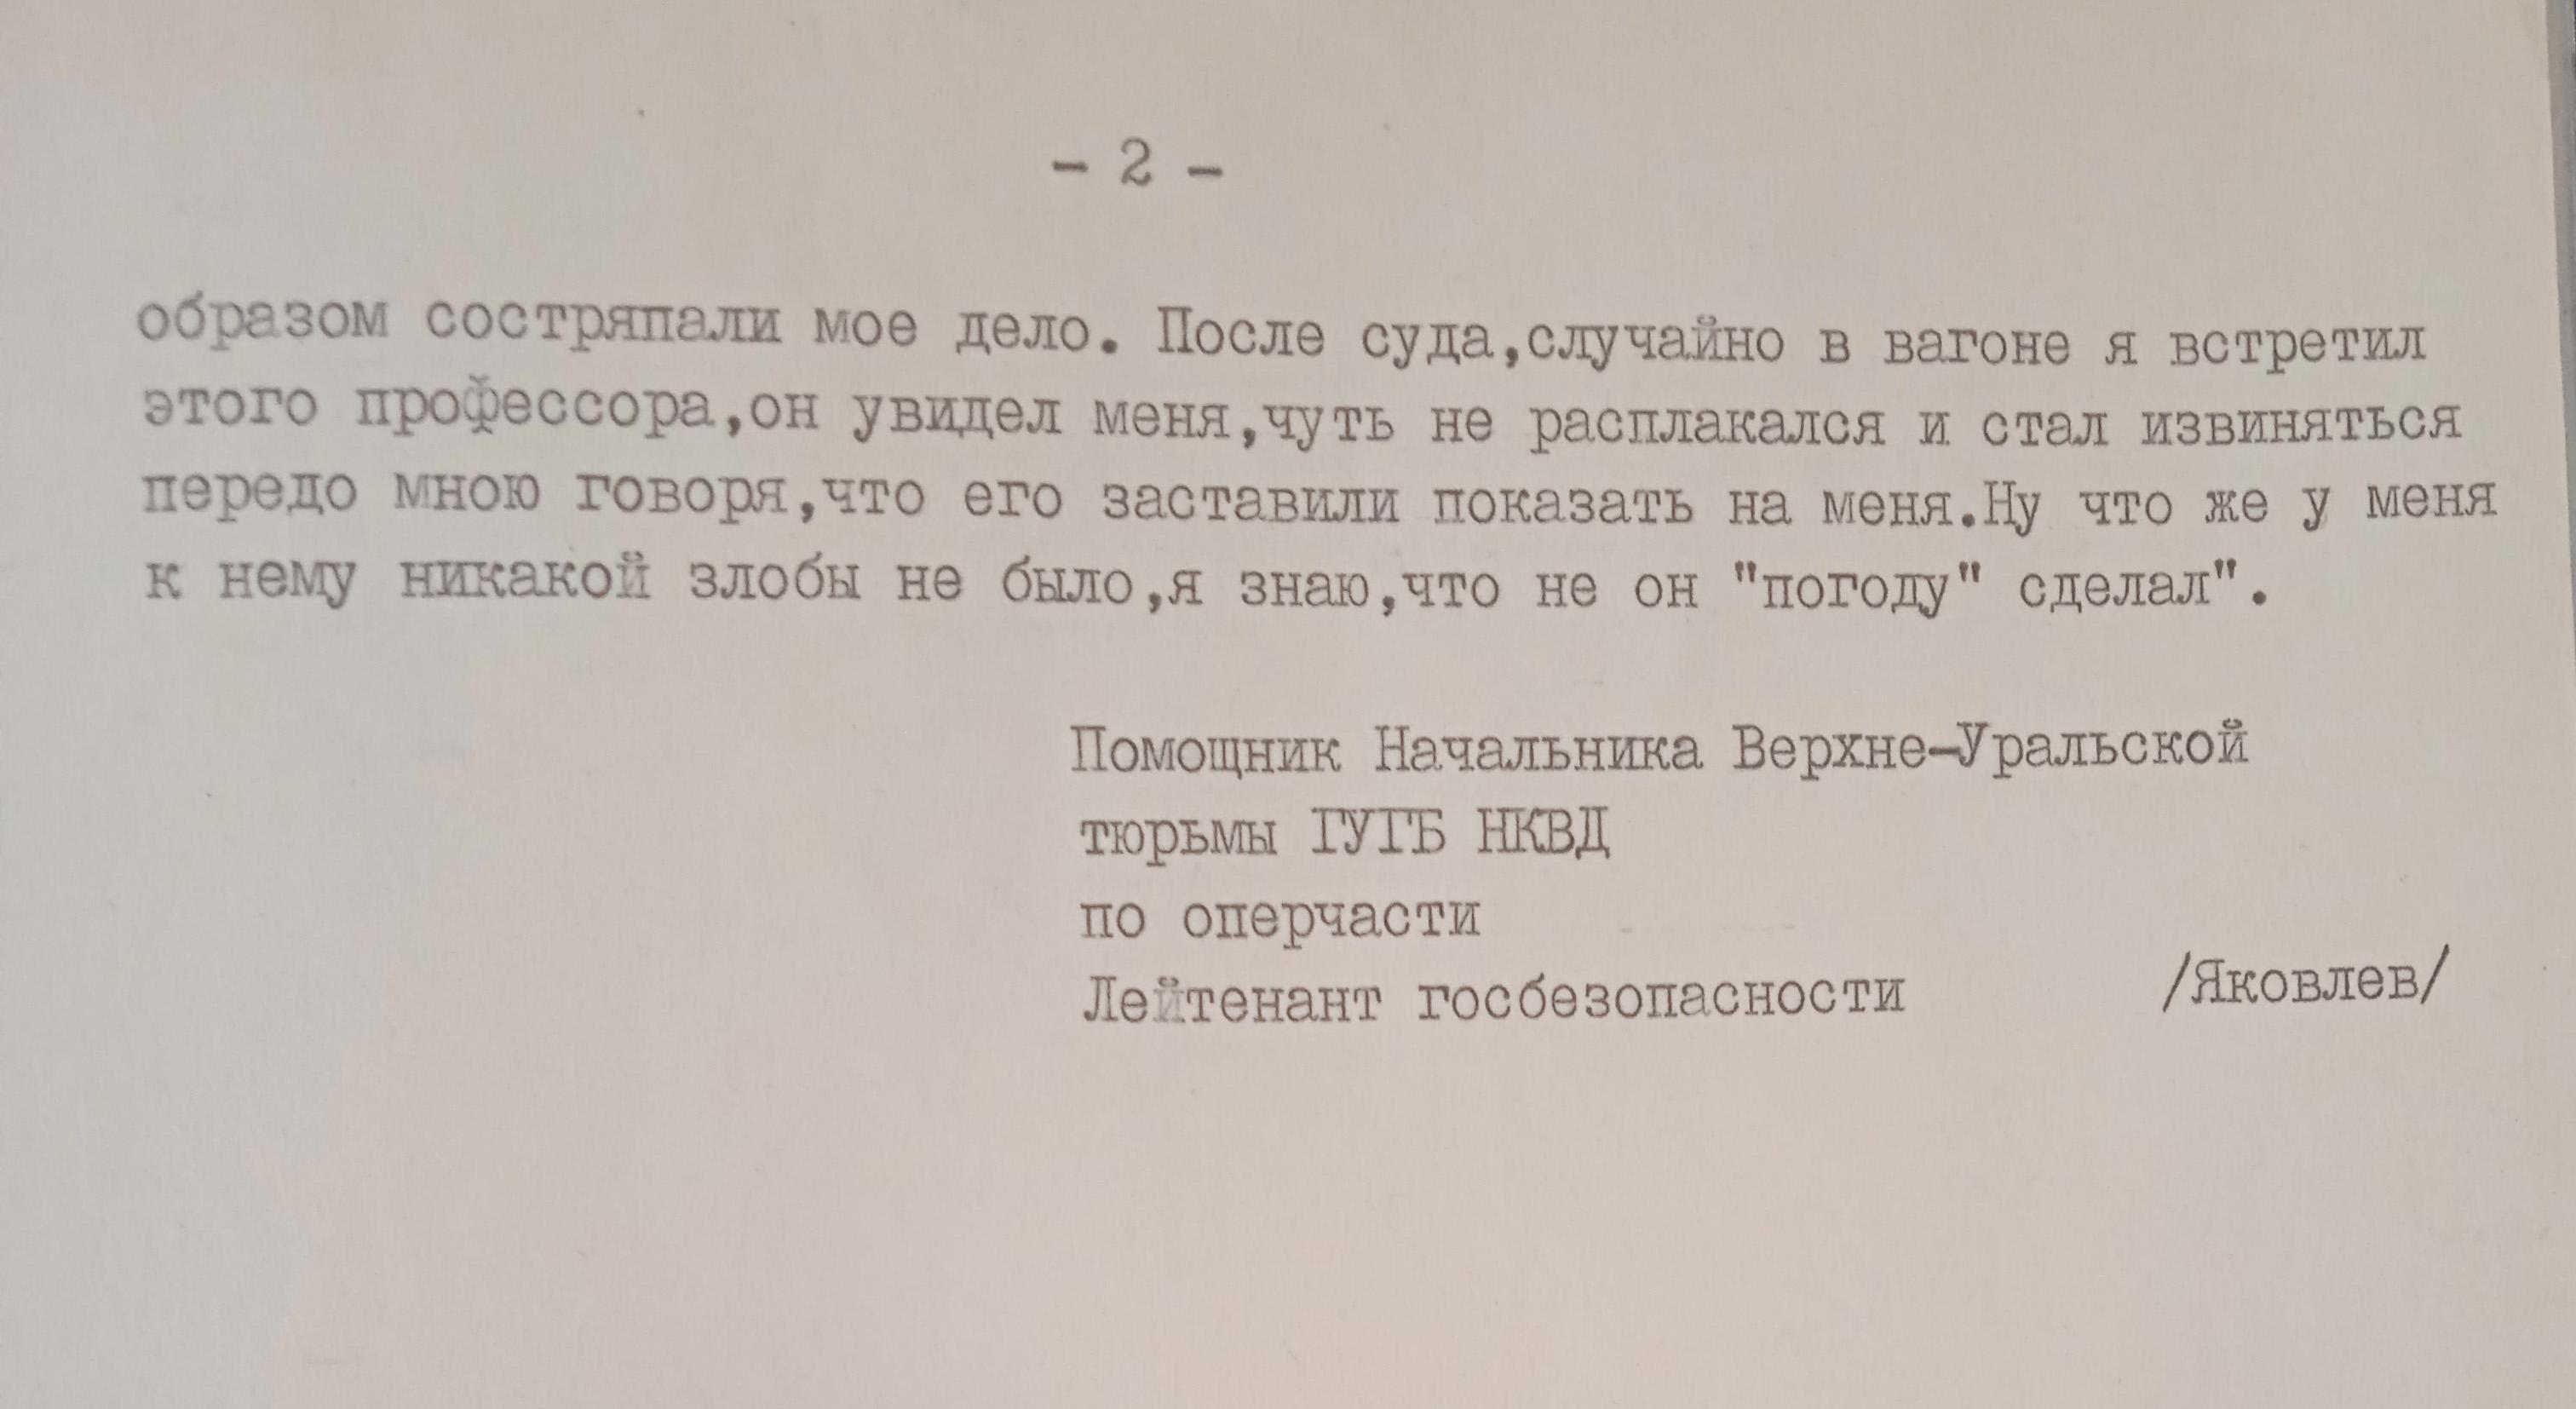 Отвертеться не удастся: как сотрудники НКВД сдавали друг друга на допросах3